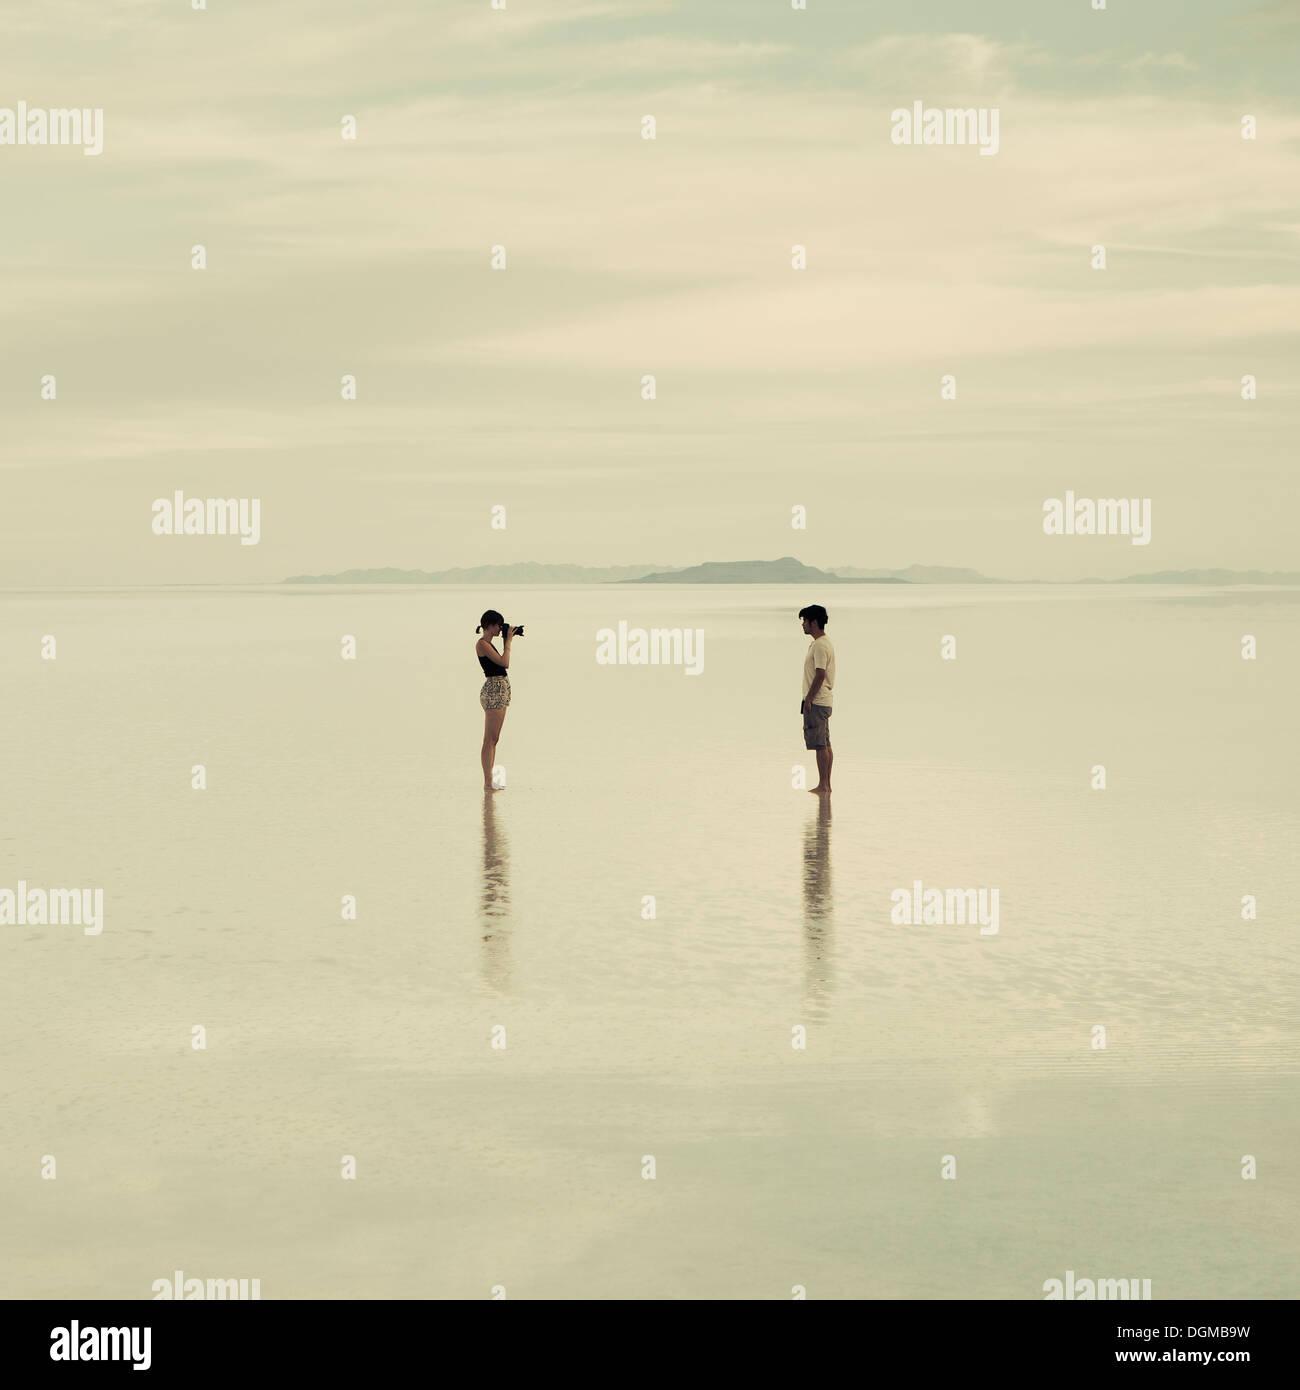 L uomo e la donna in piedi sul allagato Bonneville Saline, scattare fotografie di ogni altra al tramonto. Immagini Stock